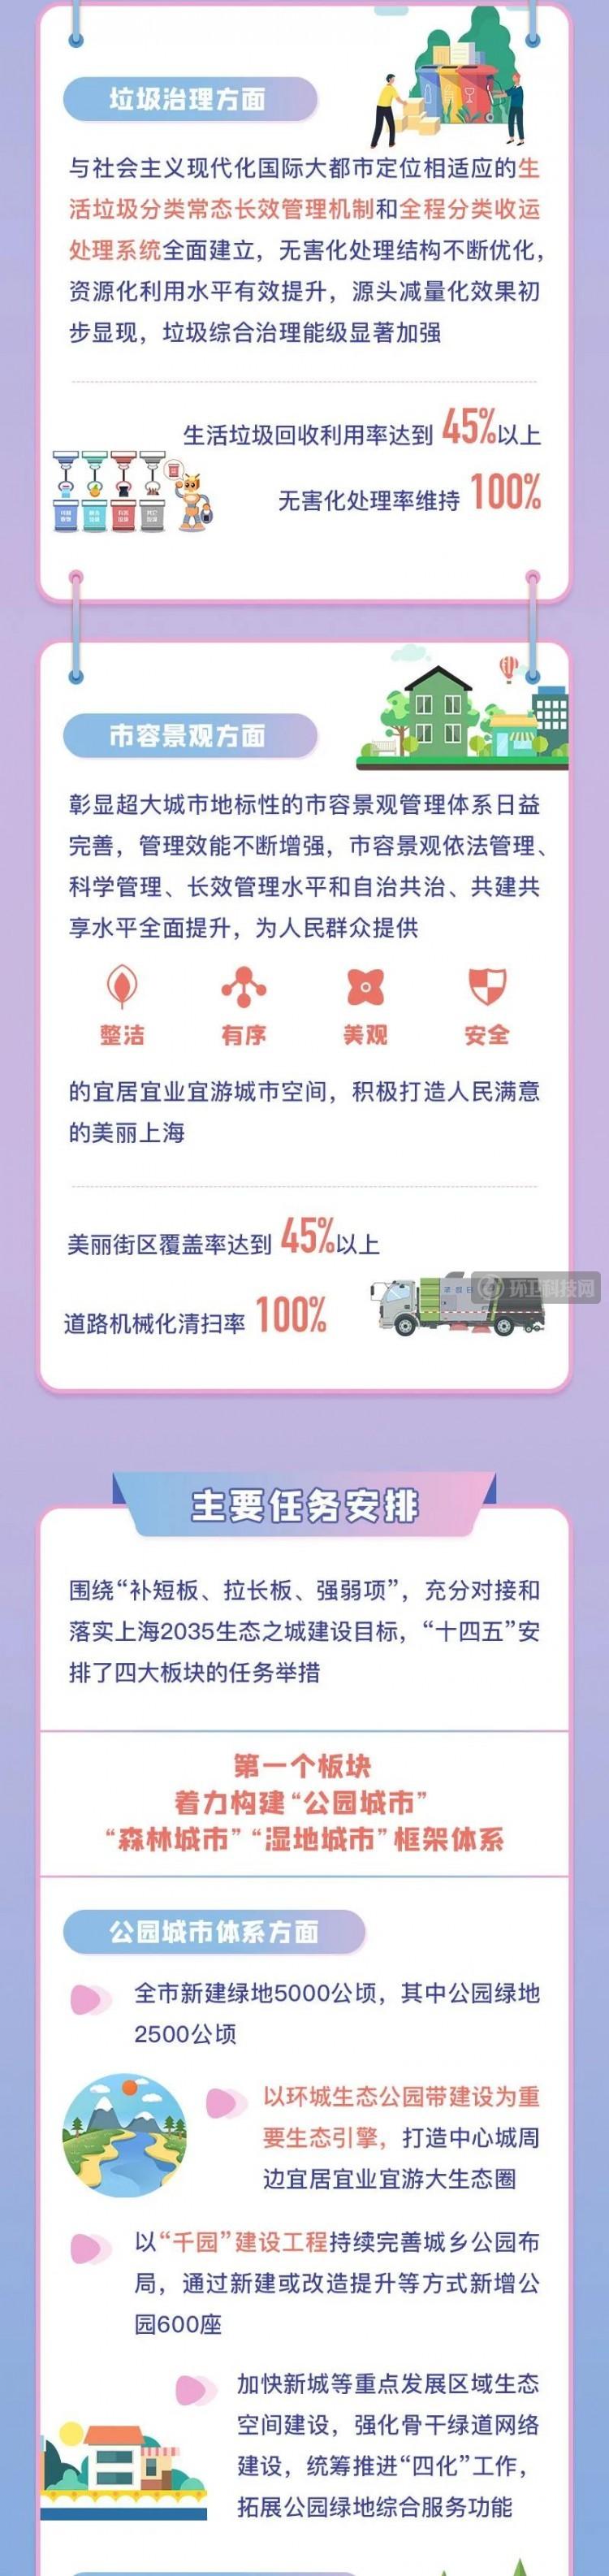 """一图带你读懂上海垃圾分类处理和市容环境""""十四五""""如何发展"""